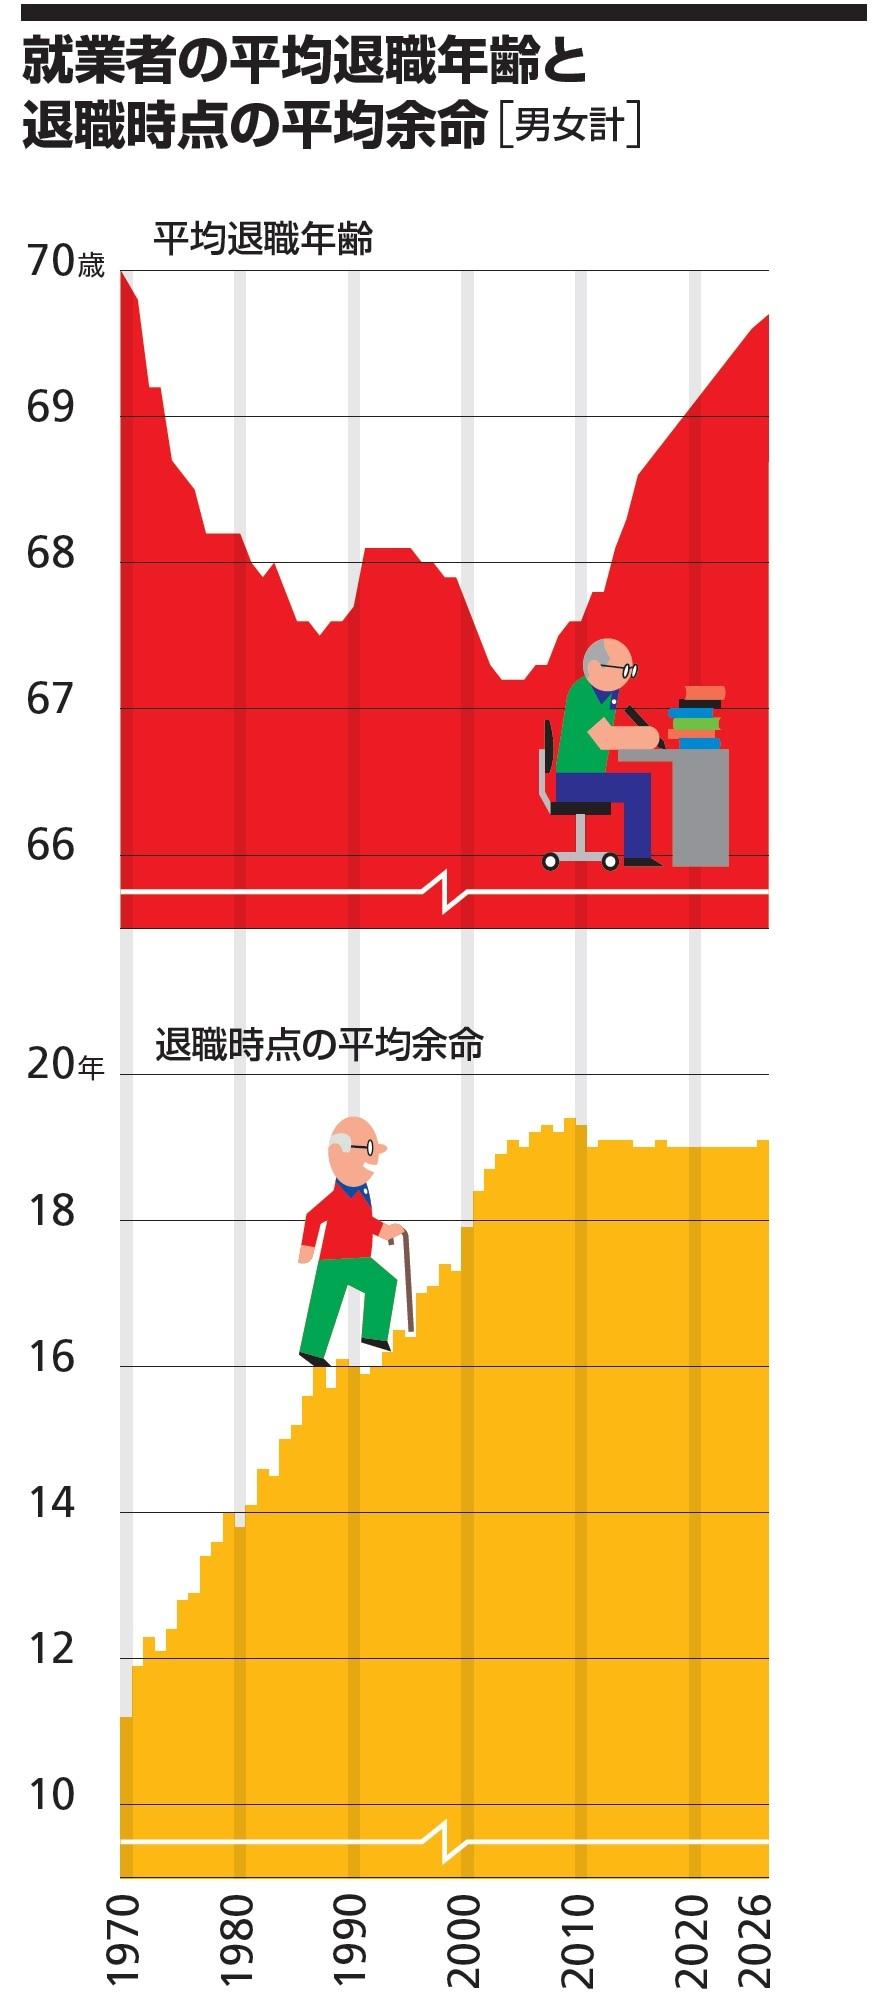 就業者の平均退職年齢と退職時点の平均余命